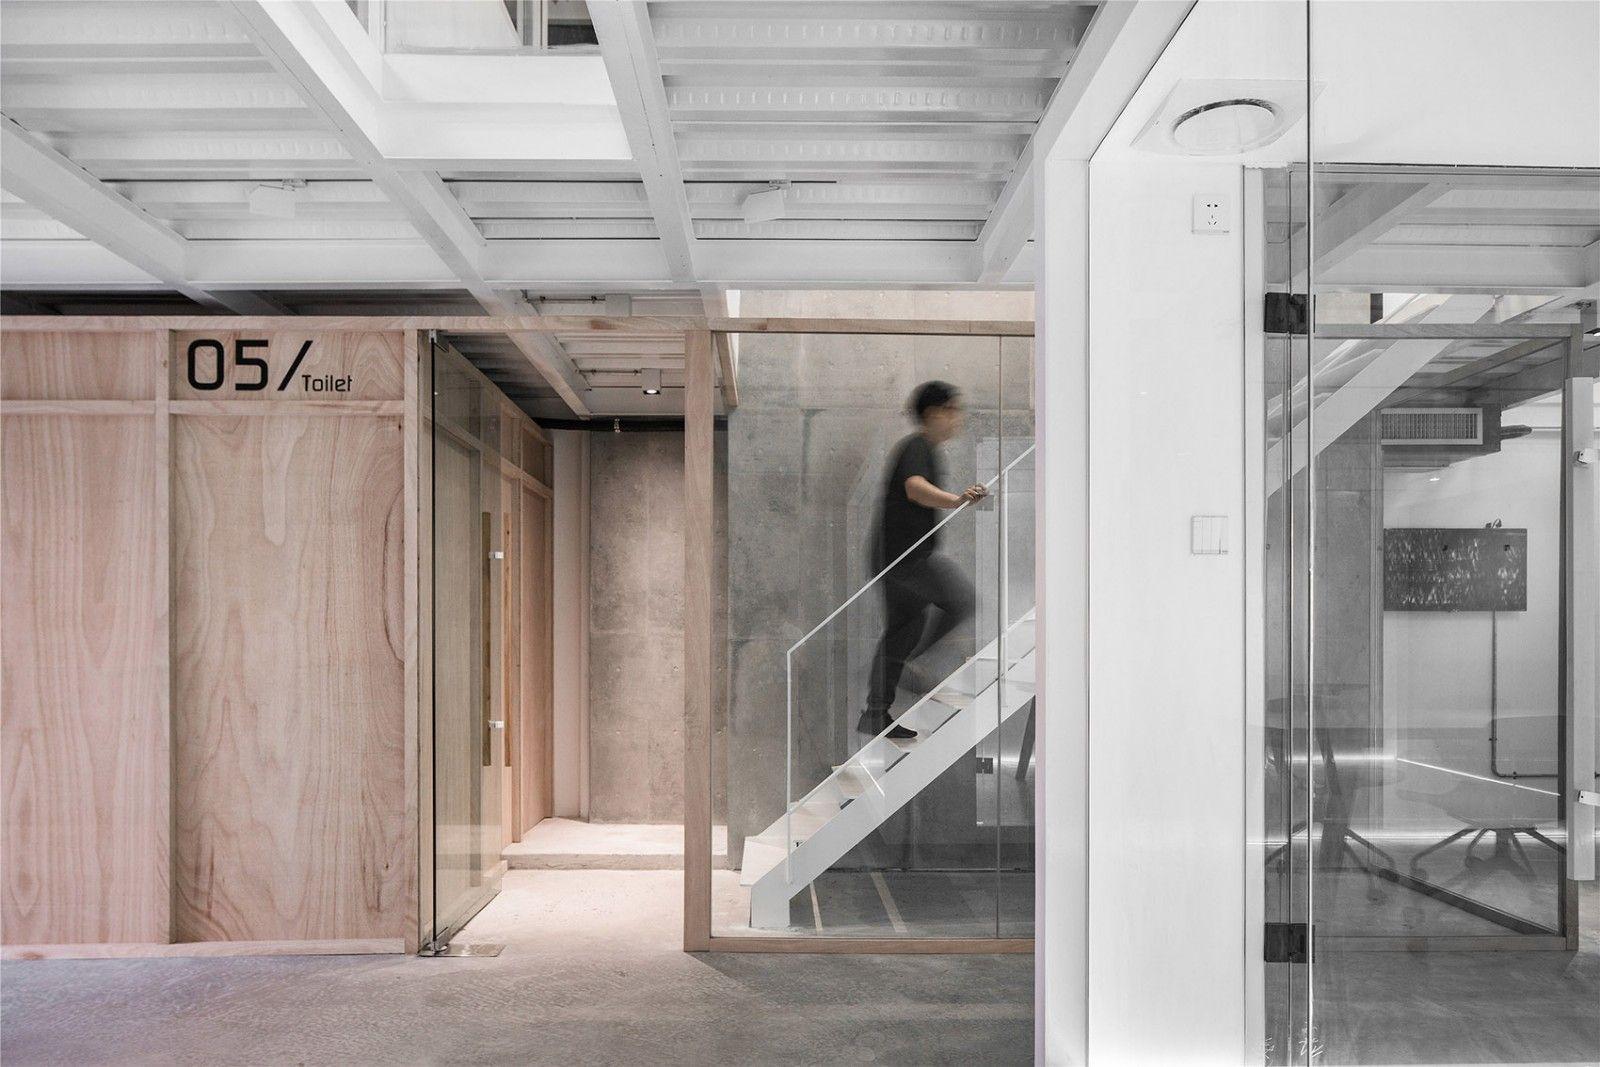 移动的玻璃盒子,广东Edgelab办公空间 | Edgelab边界实验工作室|黄智武、何钢荣 - 9